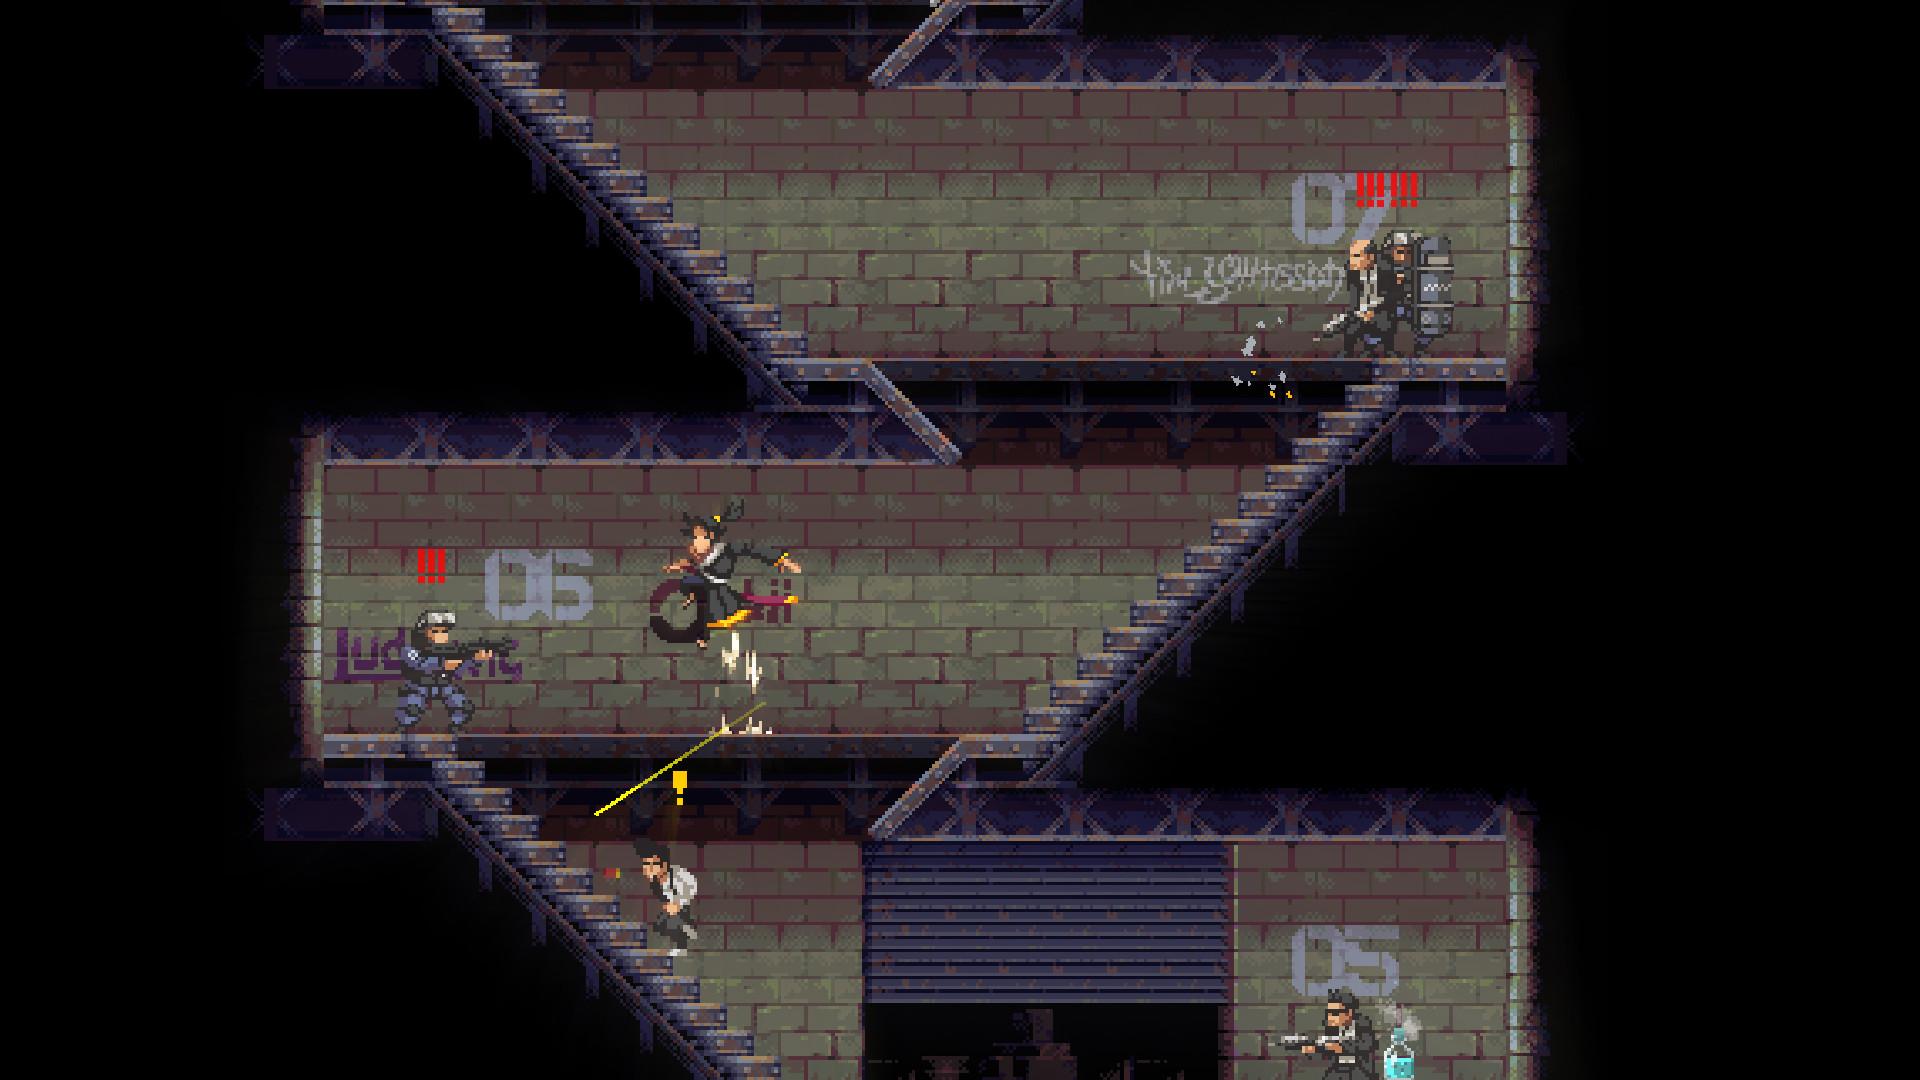 赛博朋克风像素砍杀游戏《武士零》发布全新预告